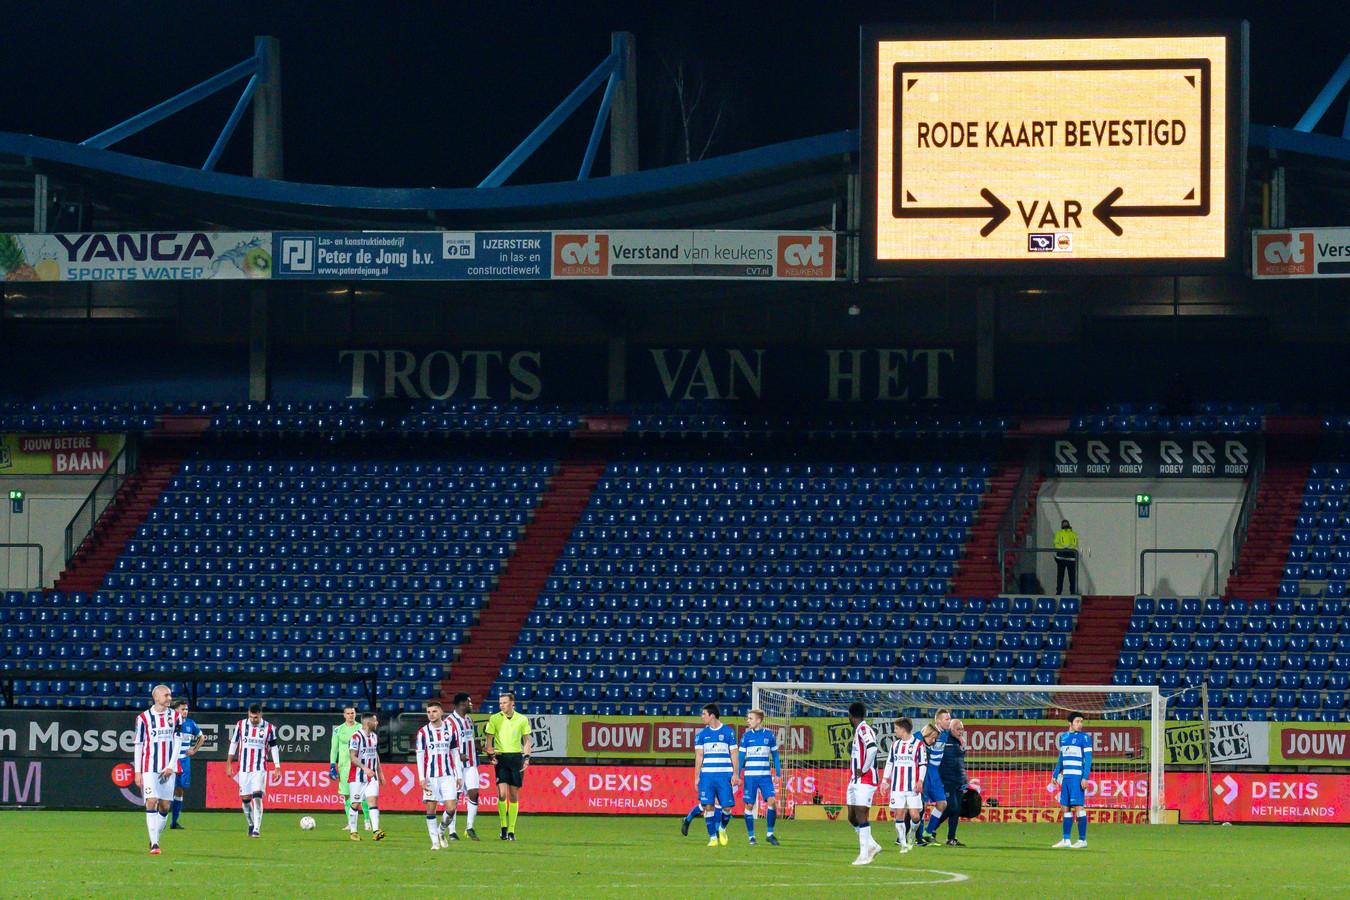 VAR Richard Martens liet na om de fout van scheidsrechter Sander van der Wijk te overrulen. De rode kaart voor Kwasi Wriedt bleef staan.